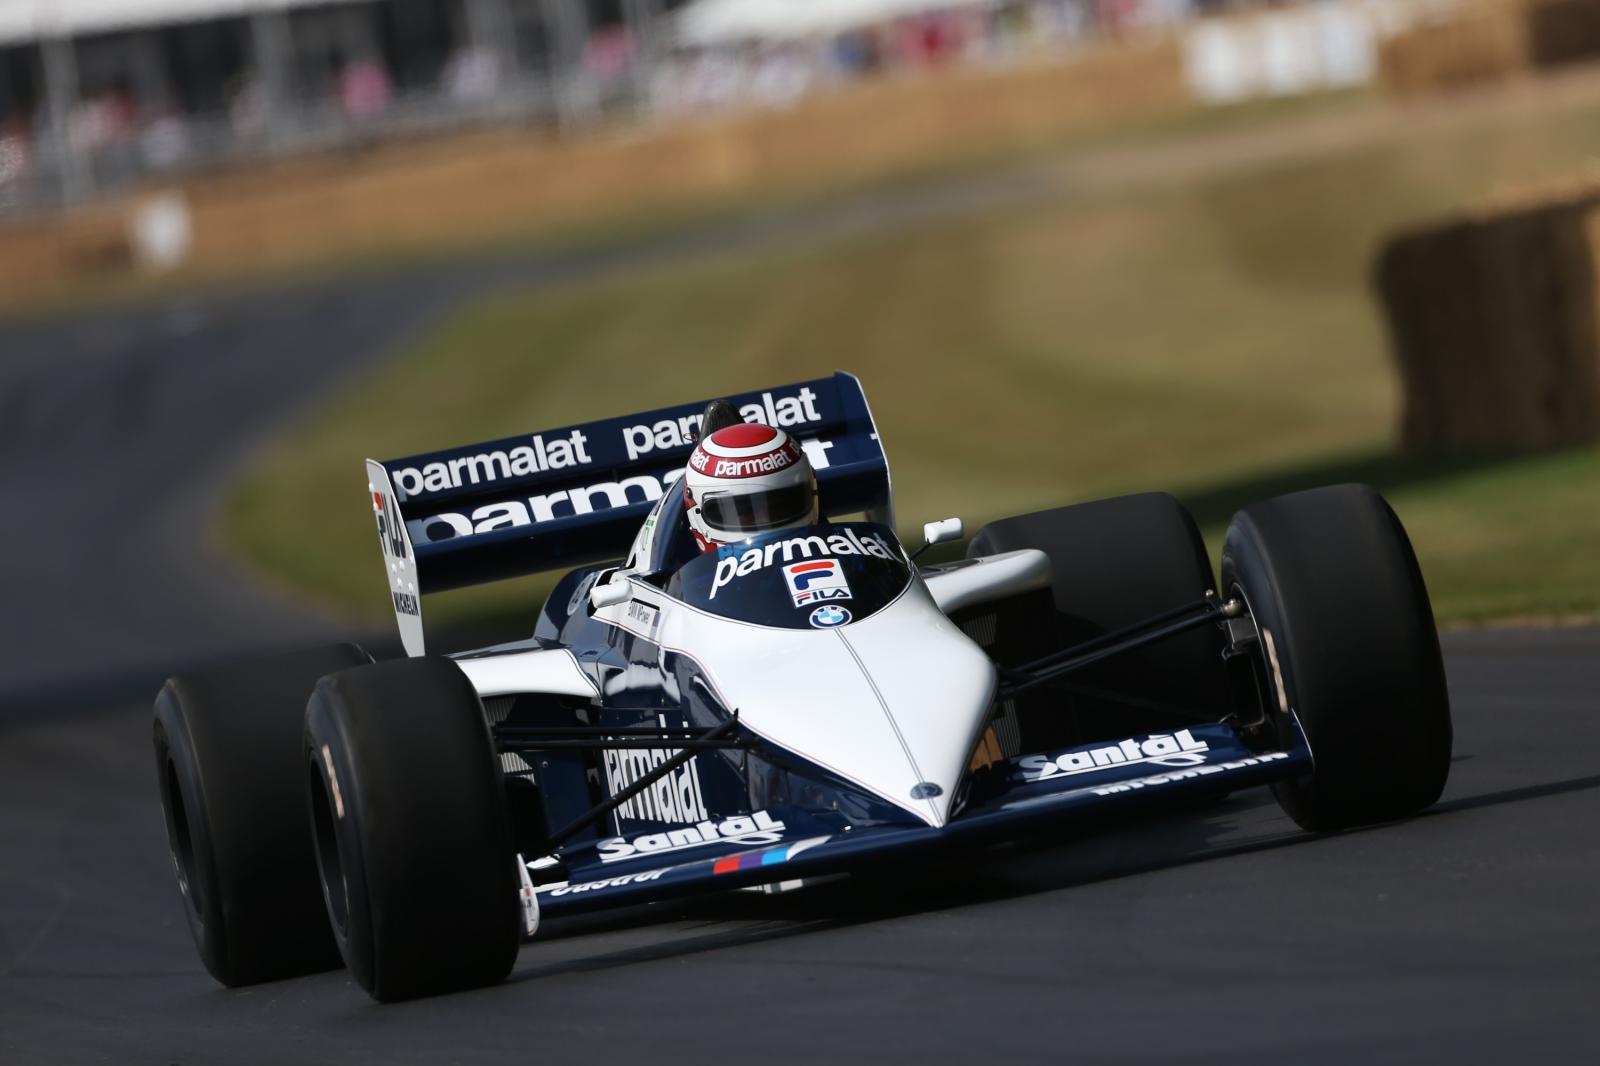 Brabham se vrača s finančno podporo javnosti